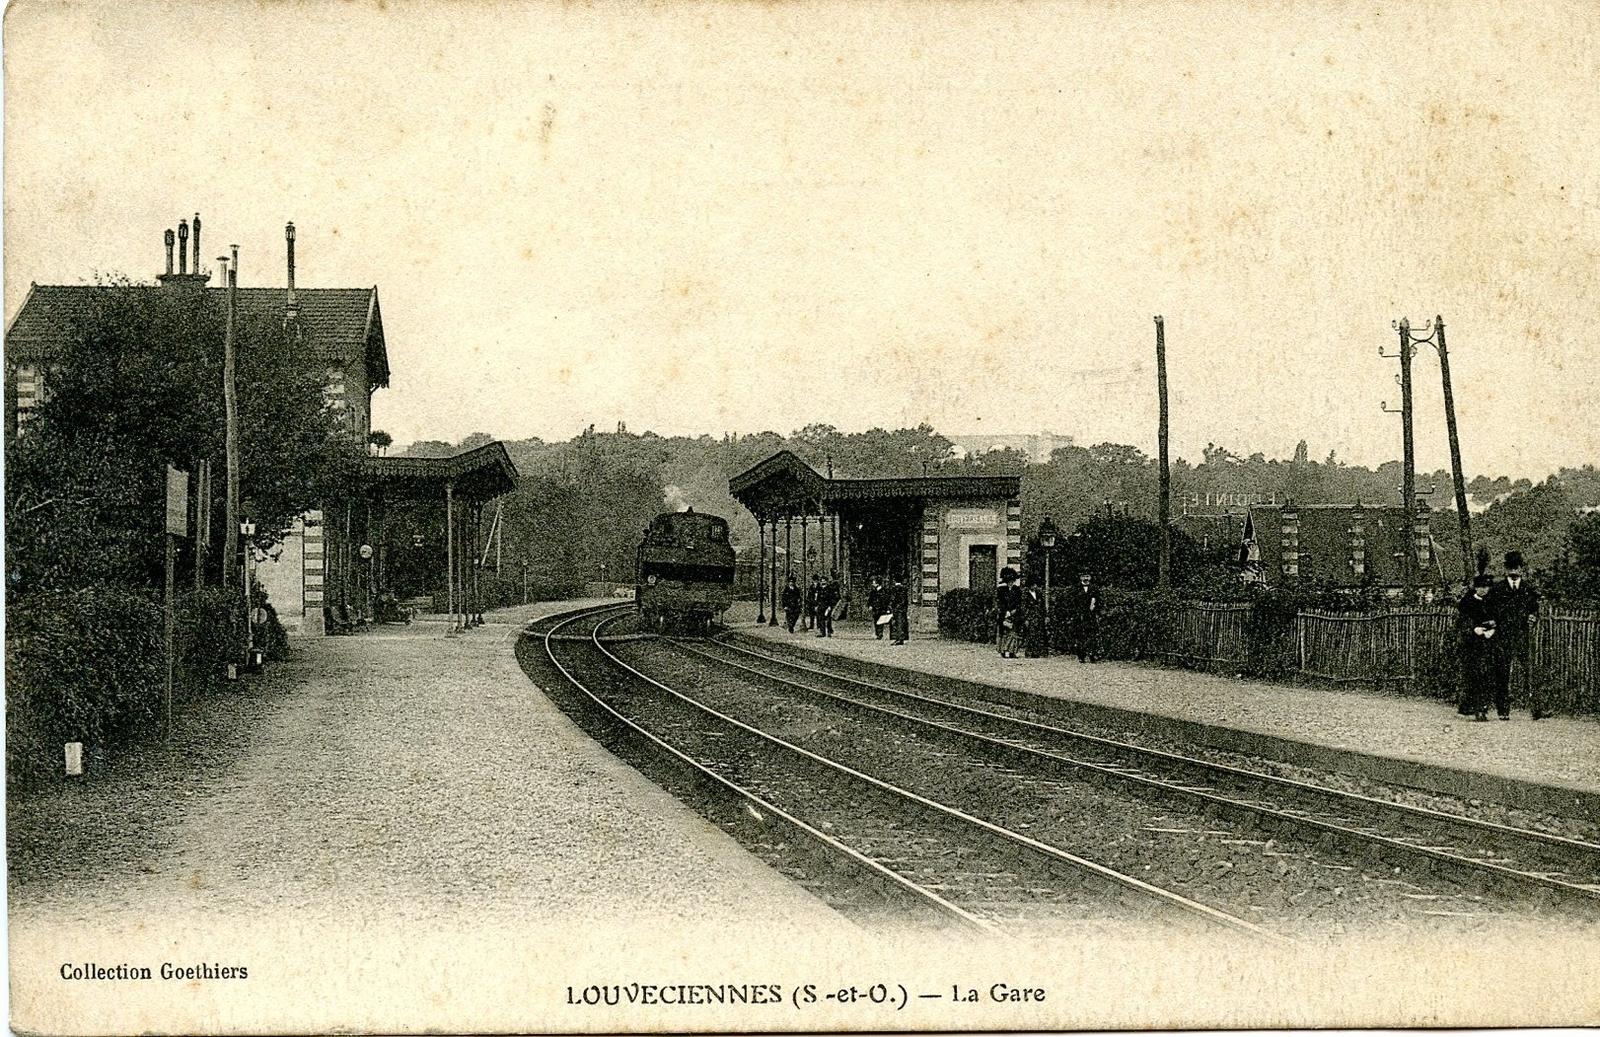 Louveciennes - La Gare